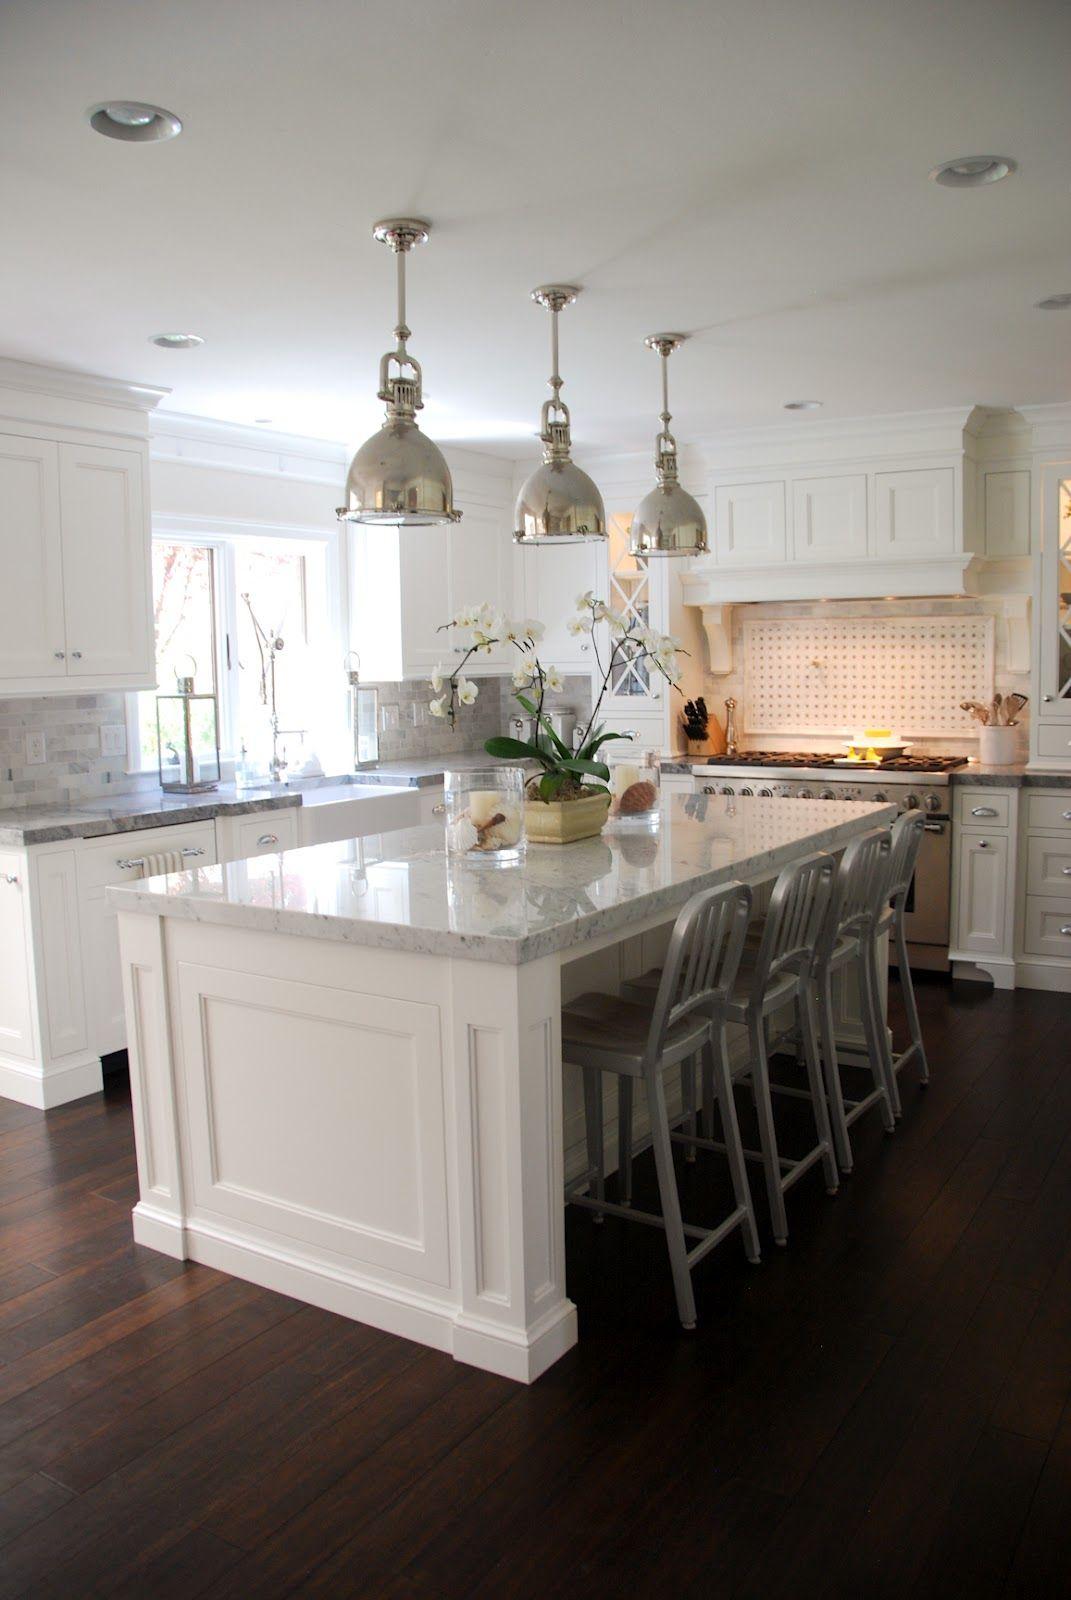 Dallas White Granite Kitchen Remodel Kitchen Design Kitchen Design Small